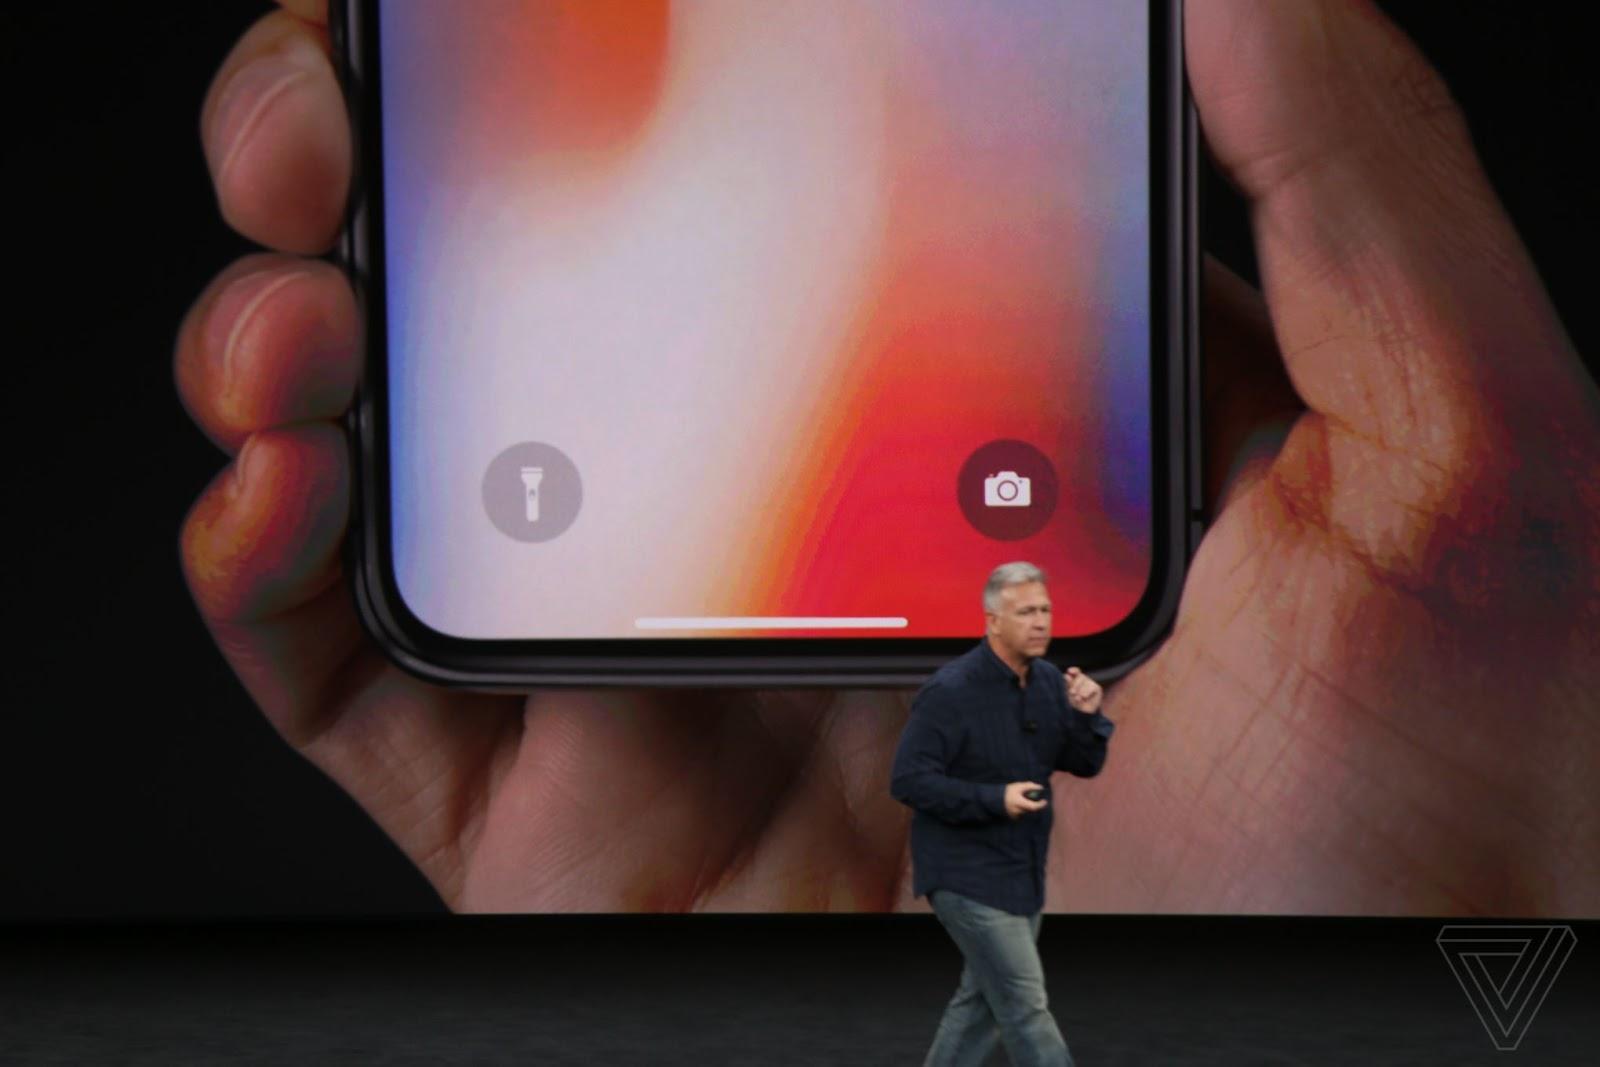 """تعرّف على مميزات وعيوب ايفون X    مميزات """"Iphone X Price"""" ايفون اكس الجديد تعرف علي سعر ومواصفات عيوب آيفون iPhone X - Apple لشركة آبل بالصور وموعد اصداره"""